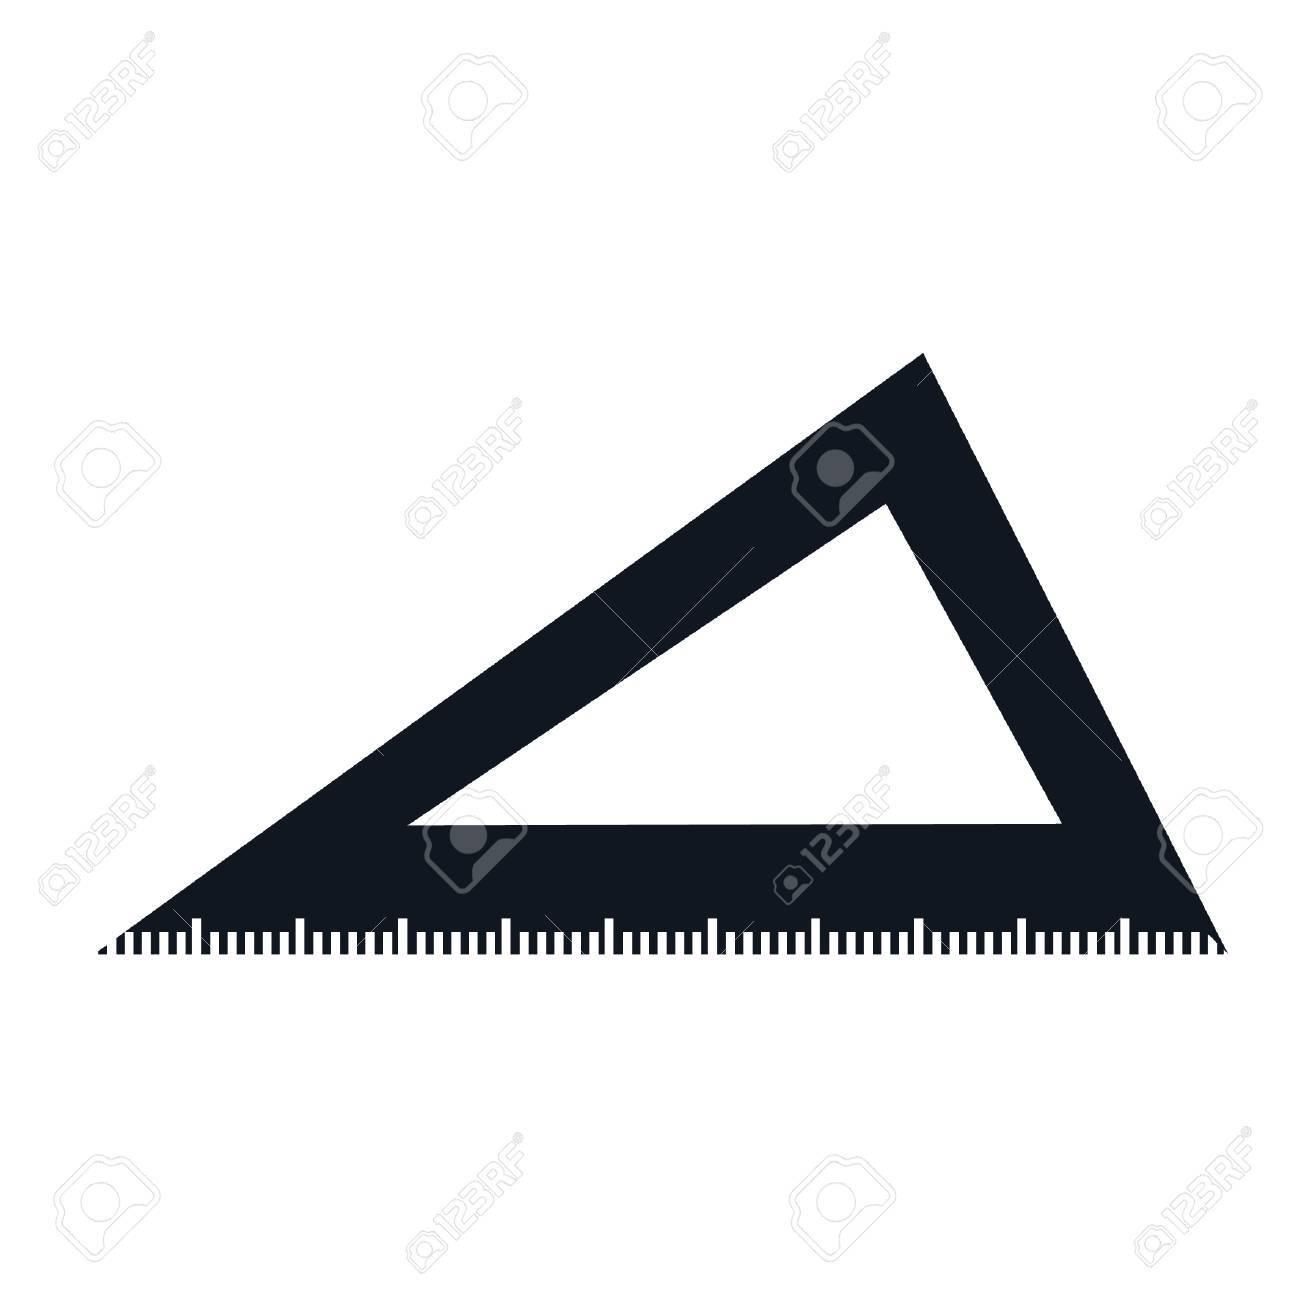 三角定規アイコン ベクトル イラスト グラフィック デザインを分離しま